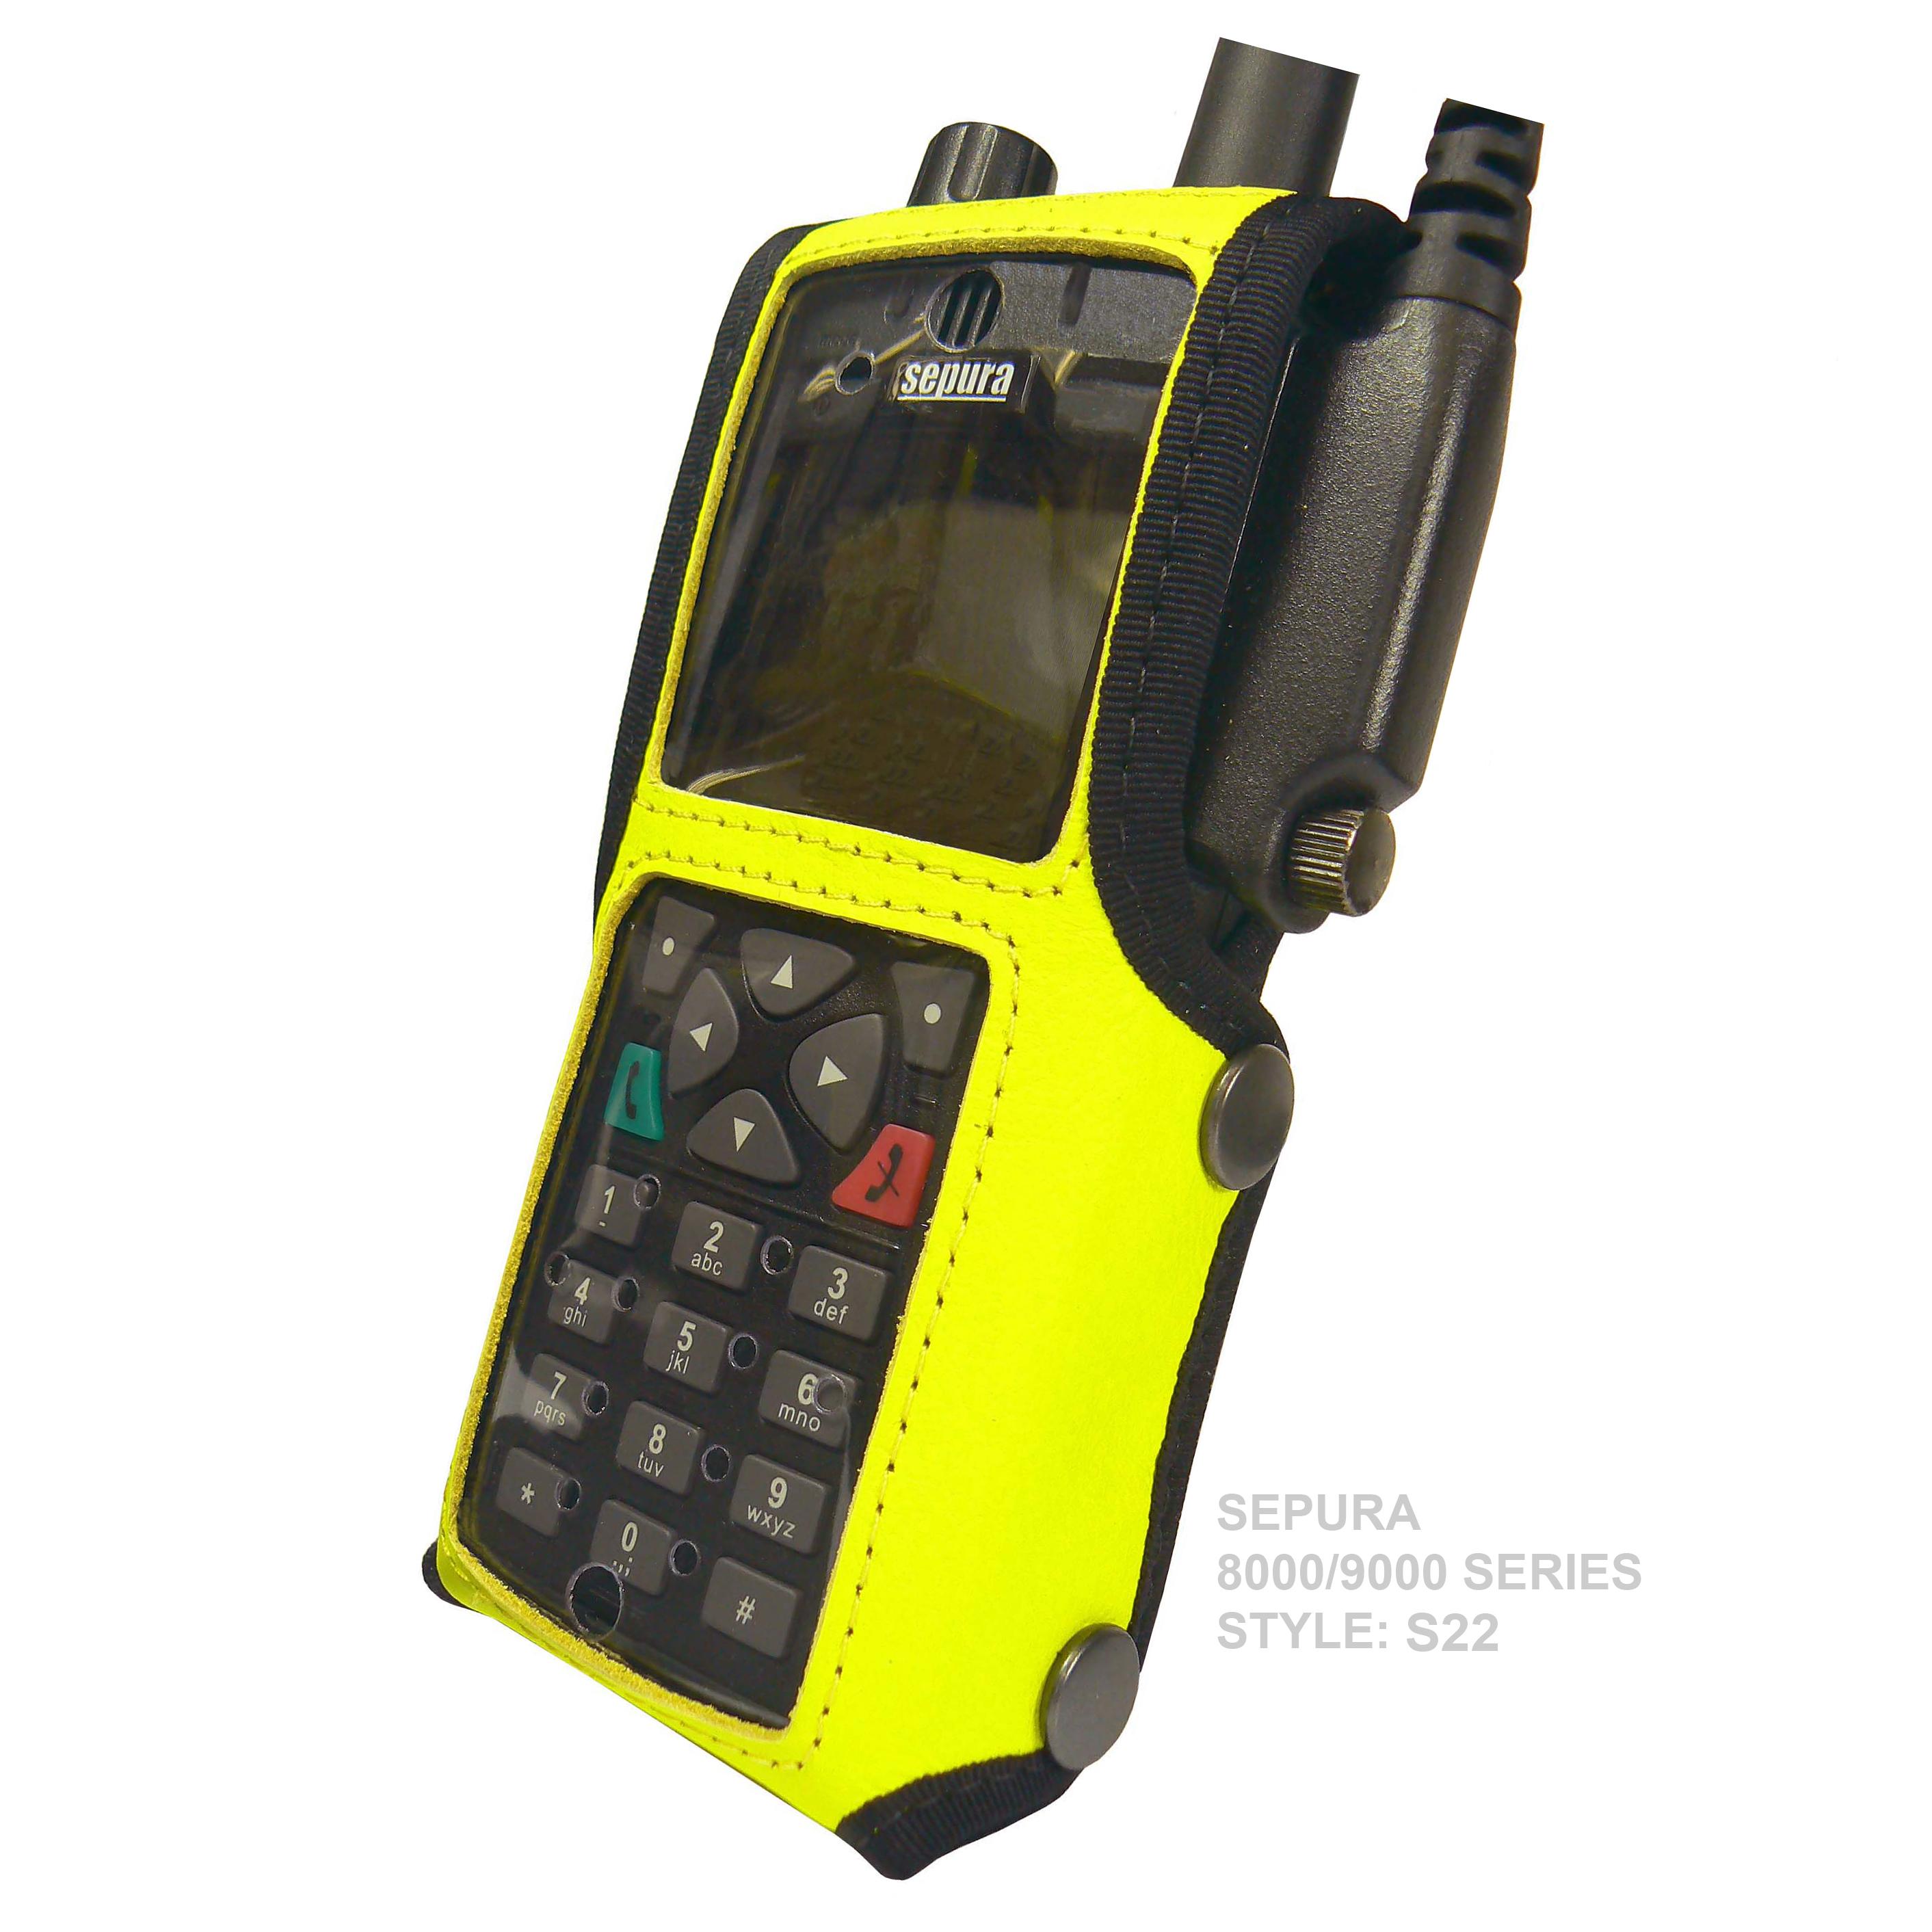 Sepura STP9000 Tetra Radio Hi-Vis Leather